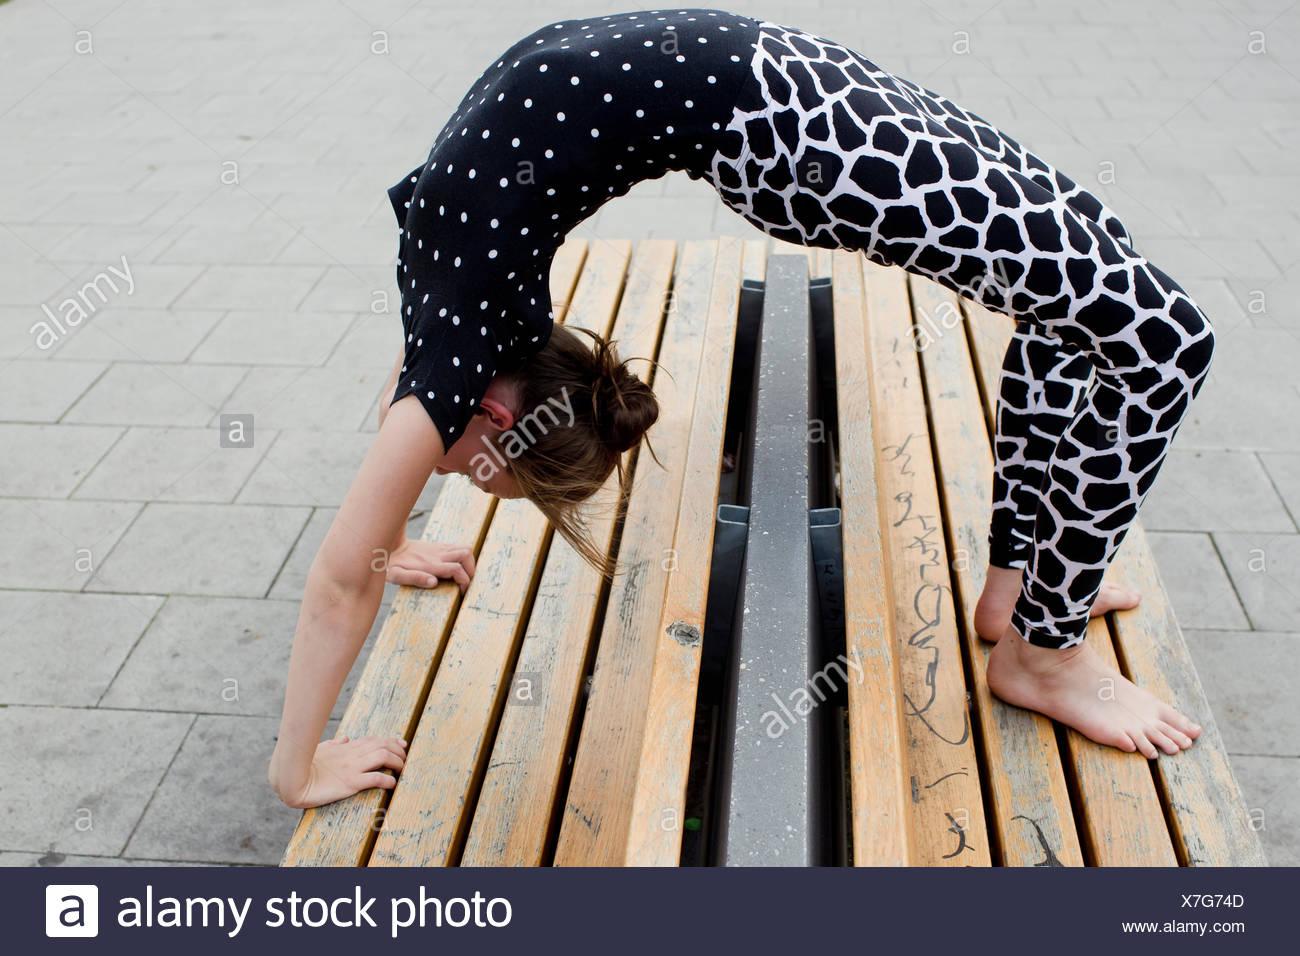 Teenage girl doing backwards bend on bench - Stock Image